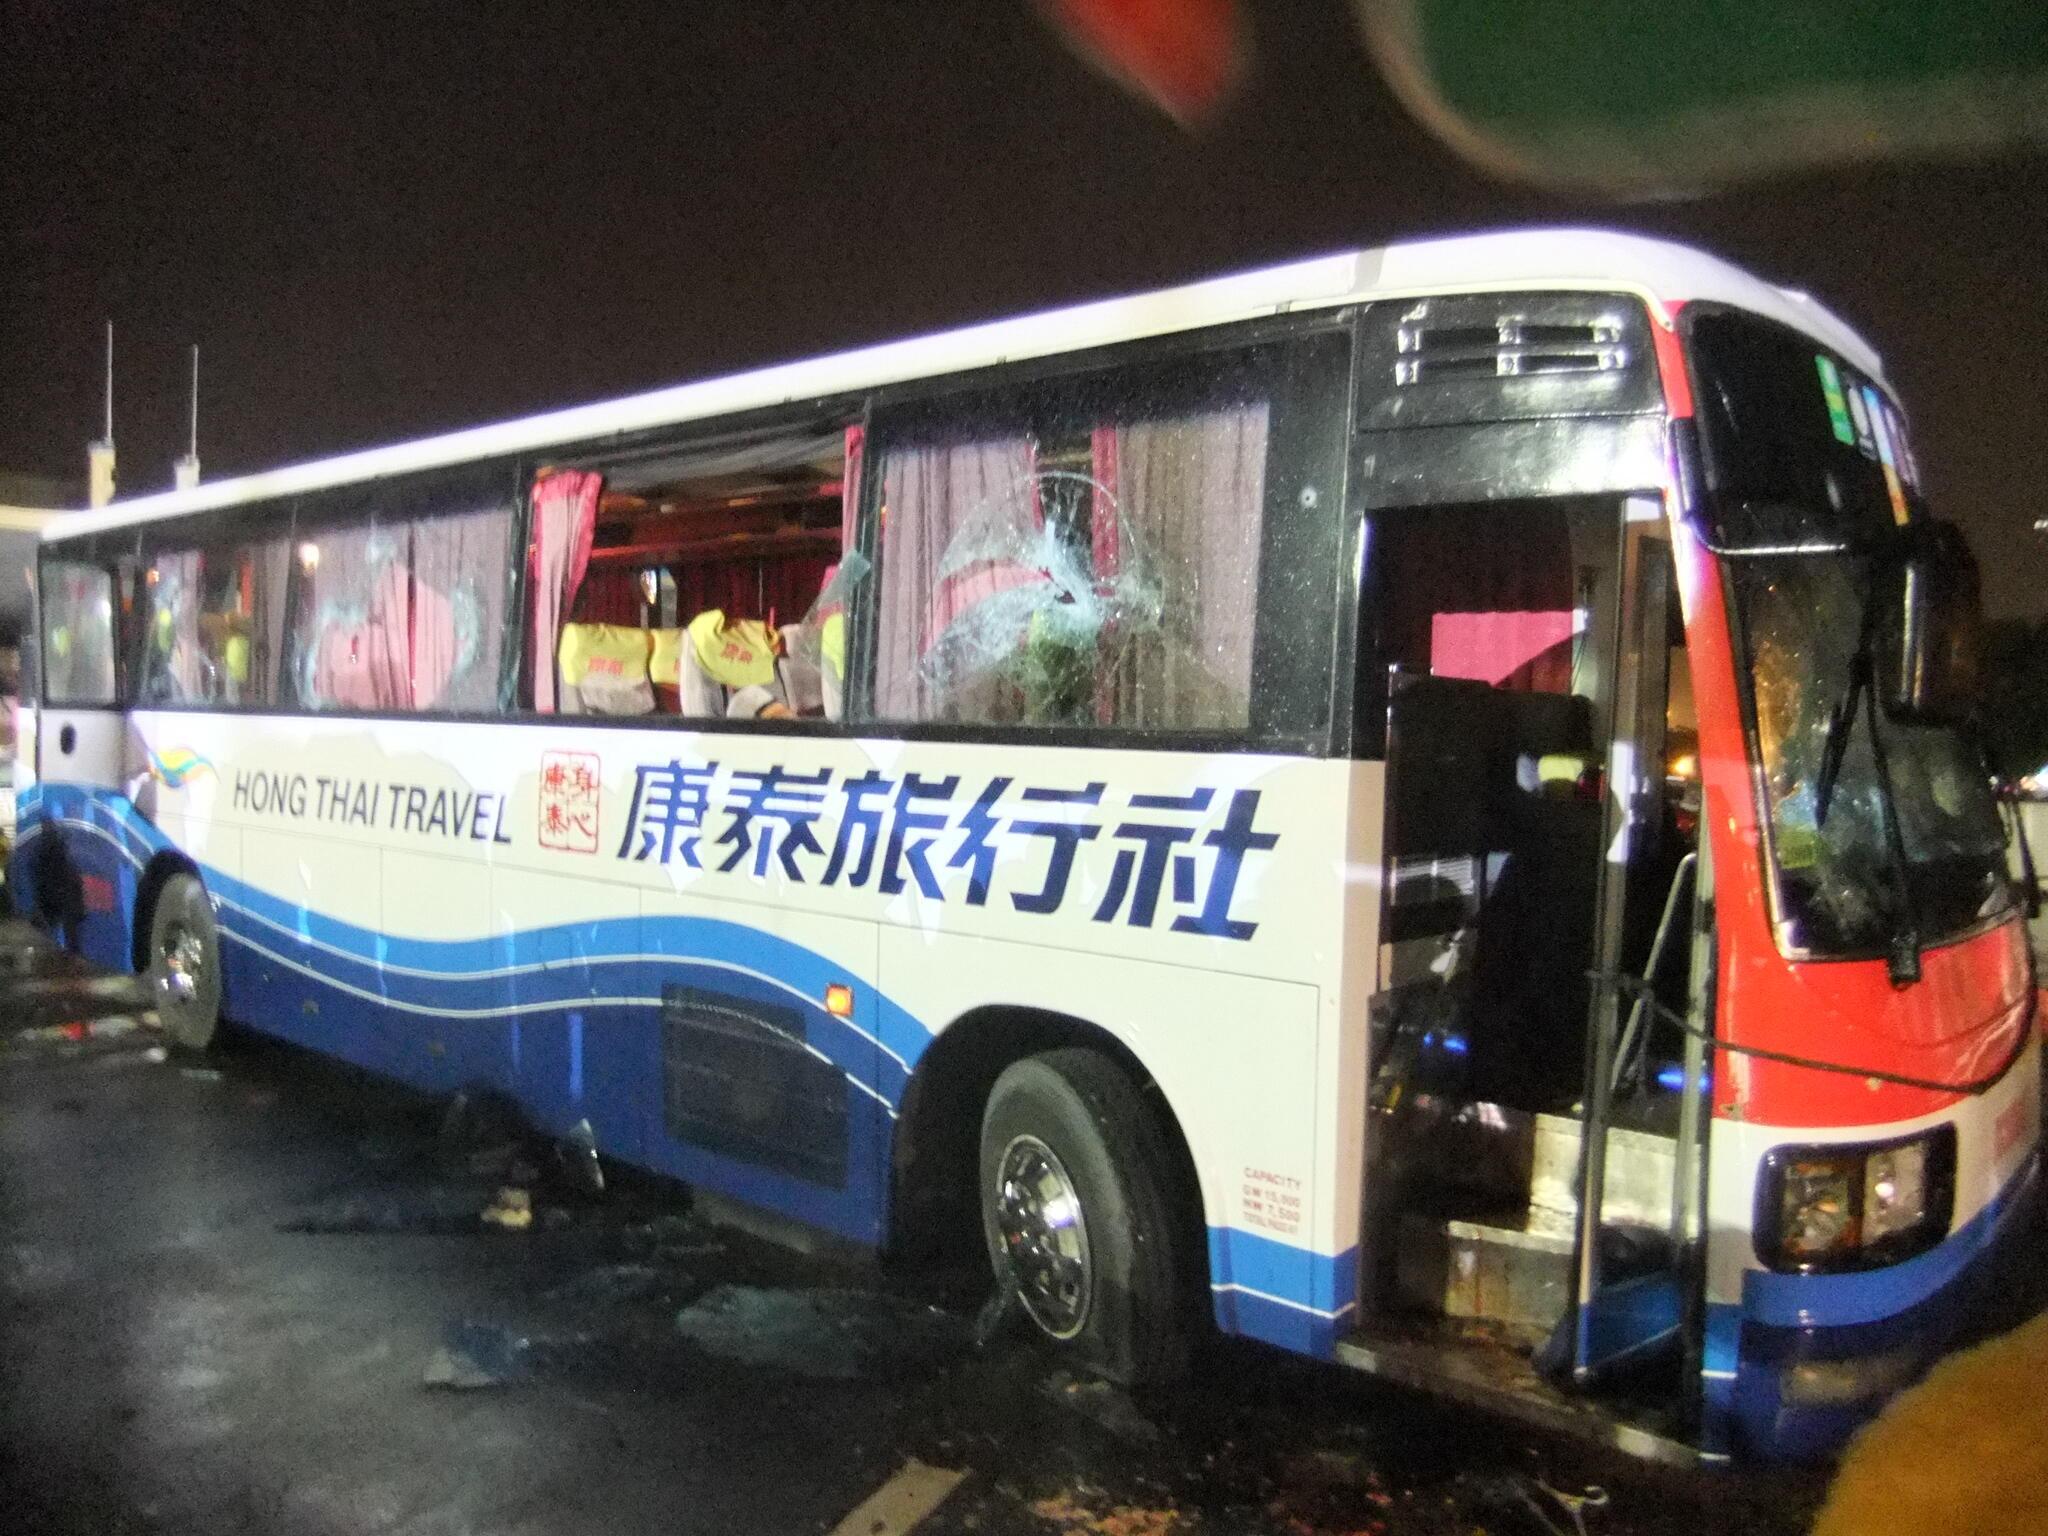 Chiếc xe bus chở du khách liên quan đến vụ con tin bị sát hại tại Manila ngày 23/08/2010.